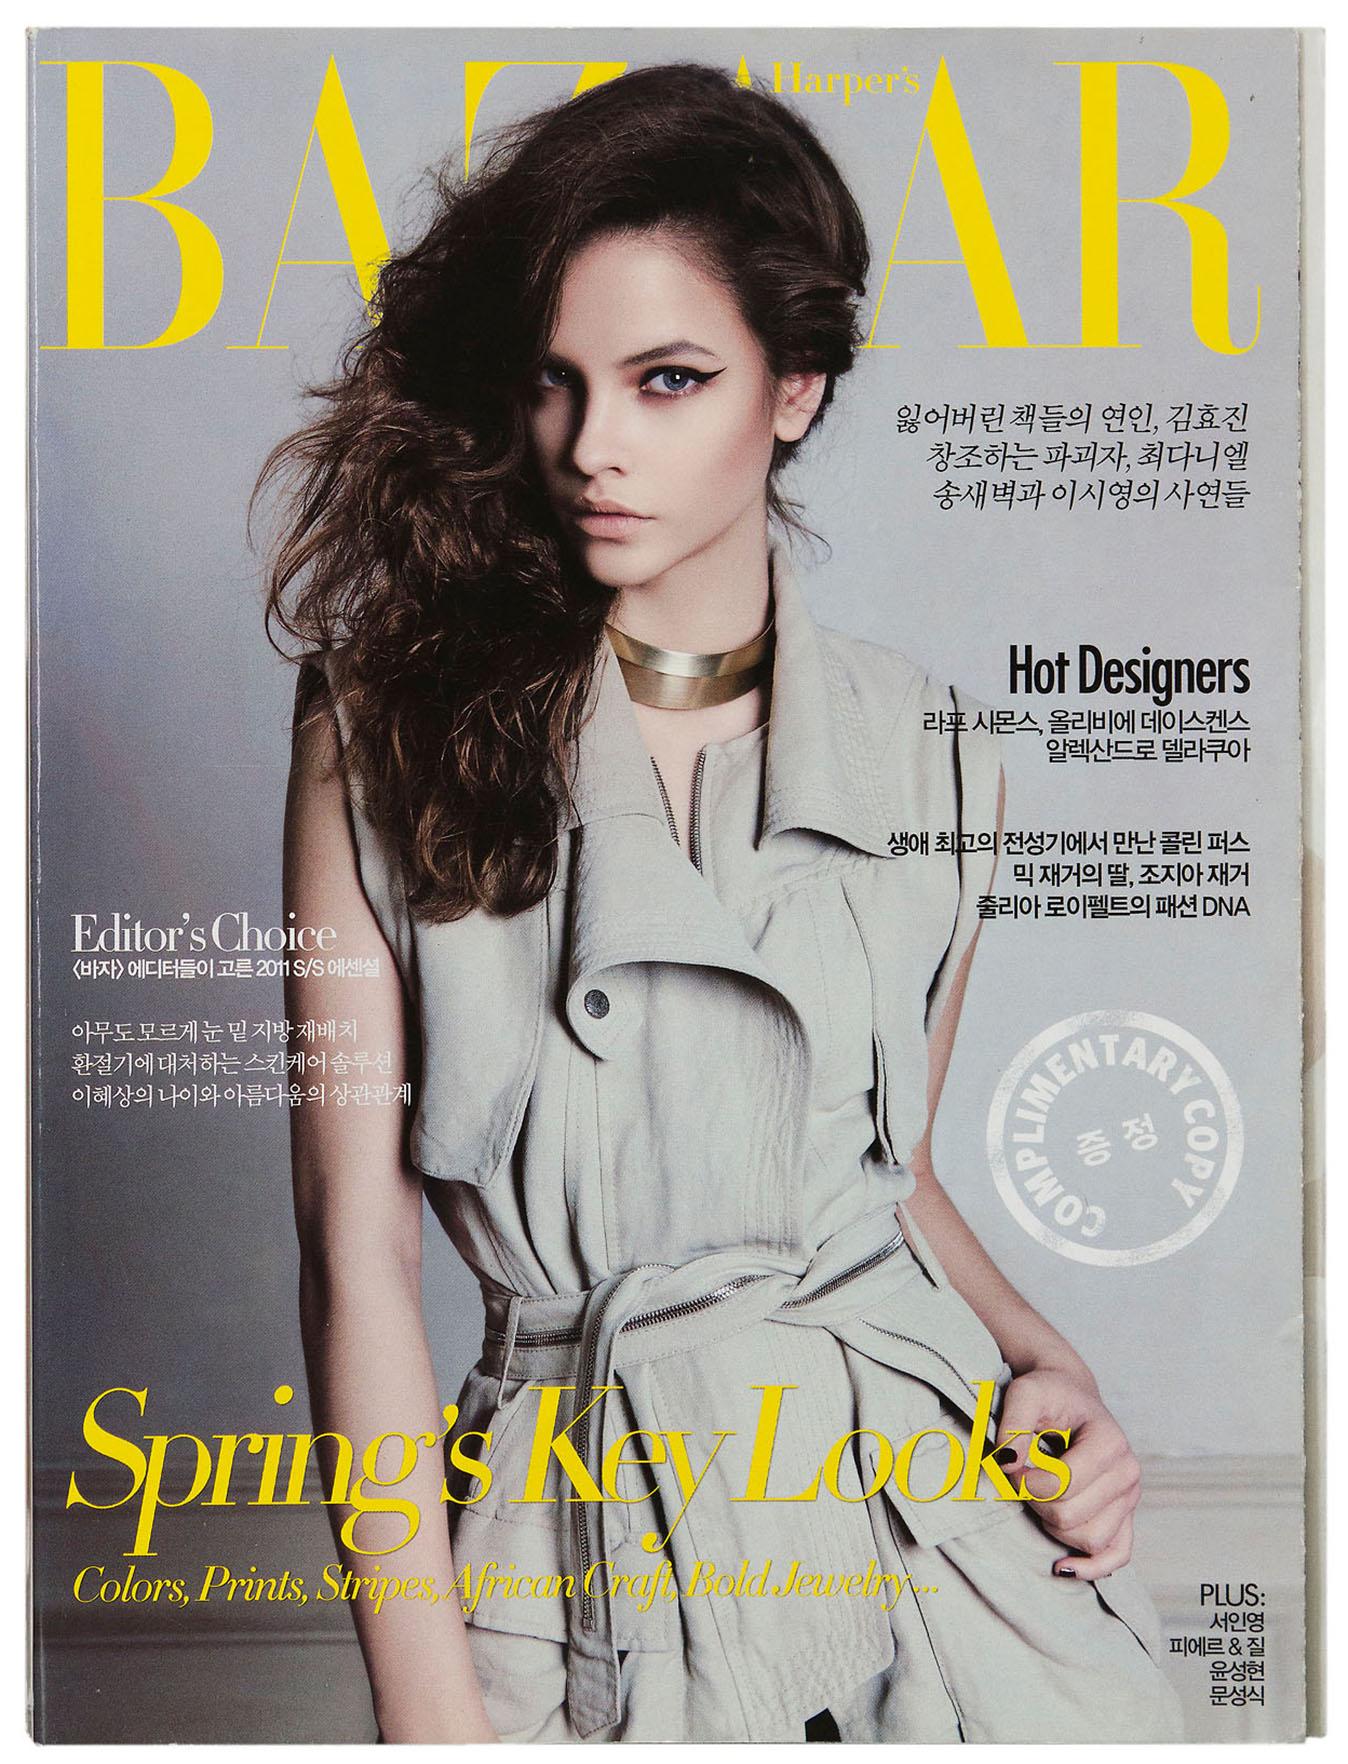 Pierre&Gilles_Harper's Bazaar Korea